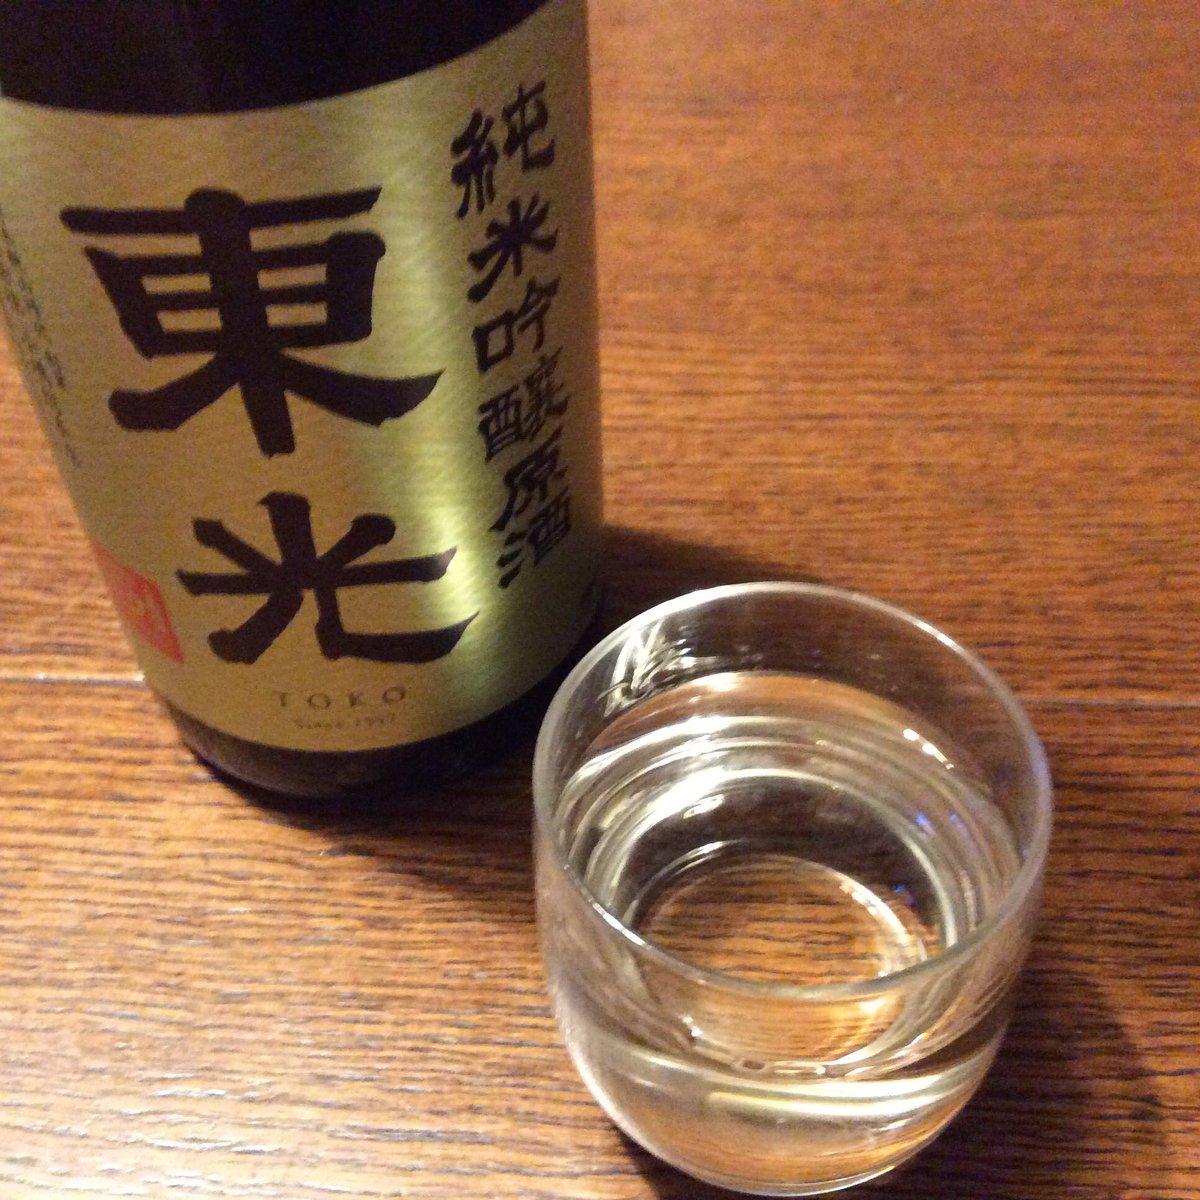 test ツイッターメディア - 山形のお酒、「東光」でハナキンは攻めている。十四代、くどき上手、上喜元とか、山形の酒造は、日本酒ブームに貢献しているね。 https://t.co/SBGIEj4hdp